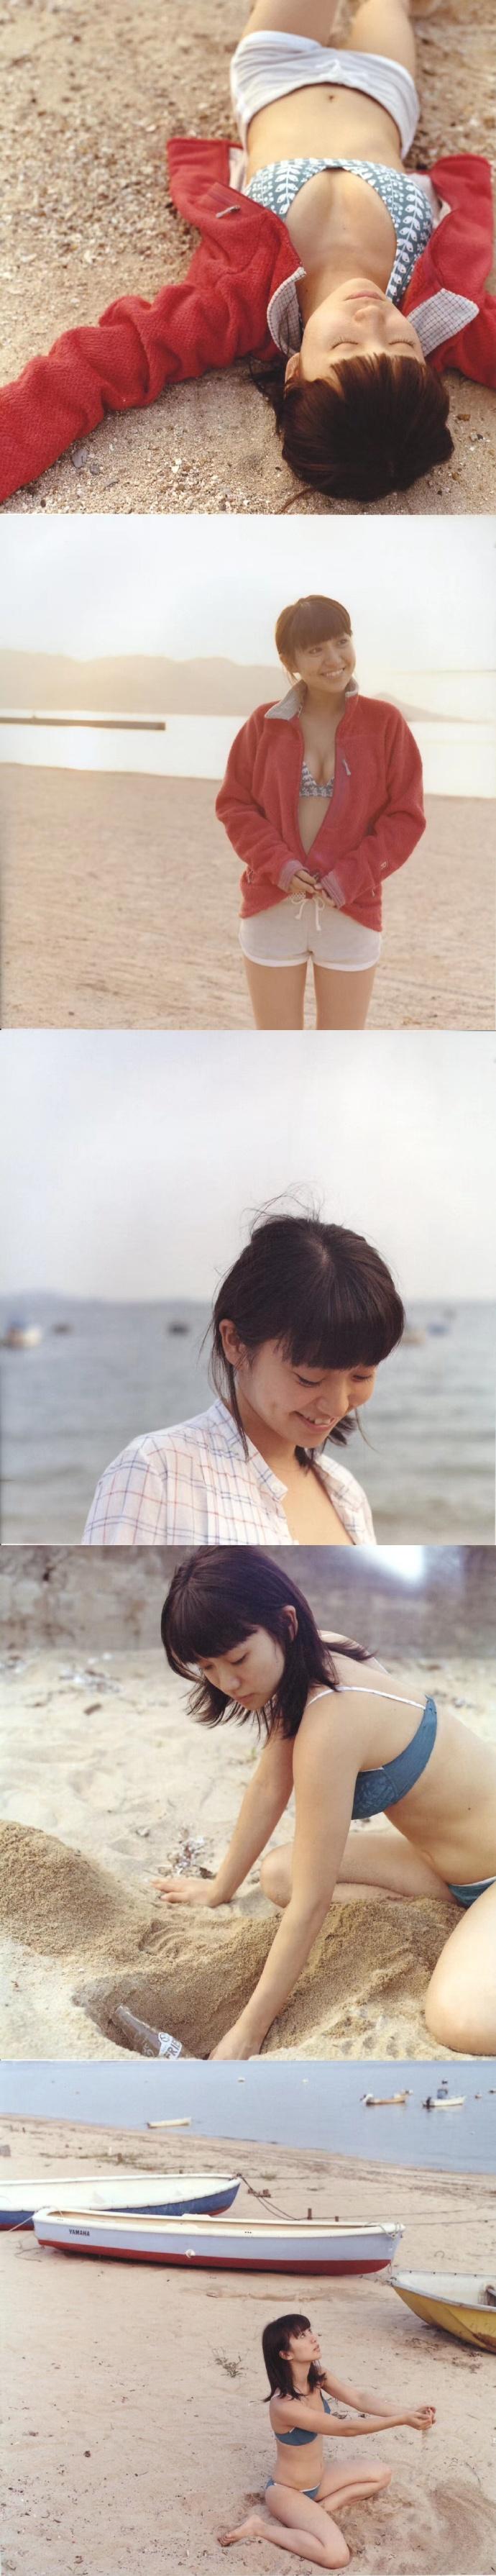 大岛优子写真集